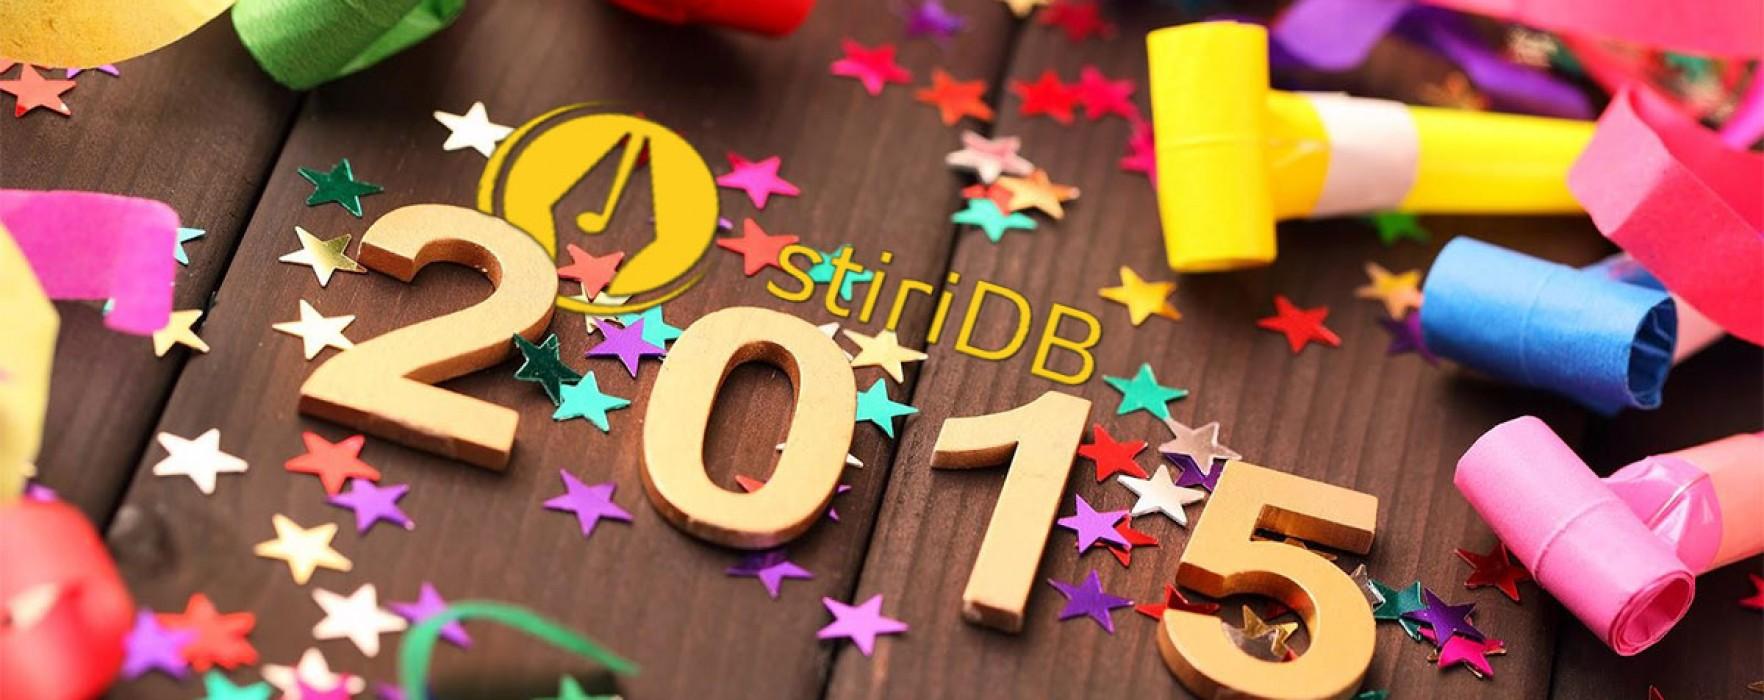 stiriDB vă urează un An Nou Fericit!